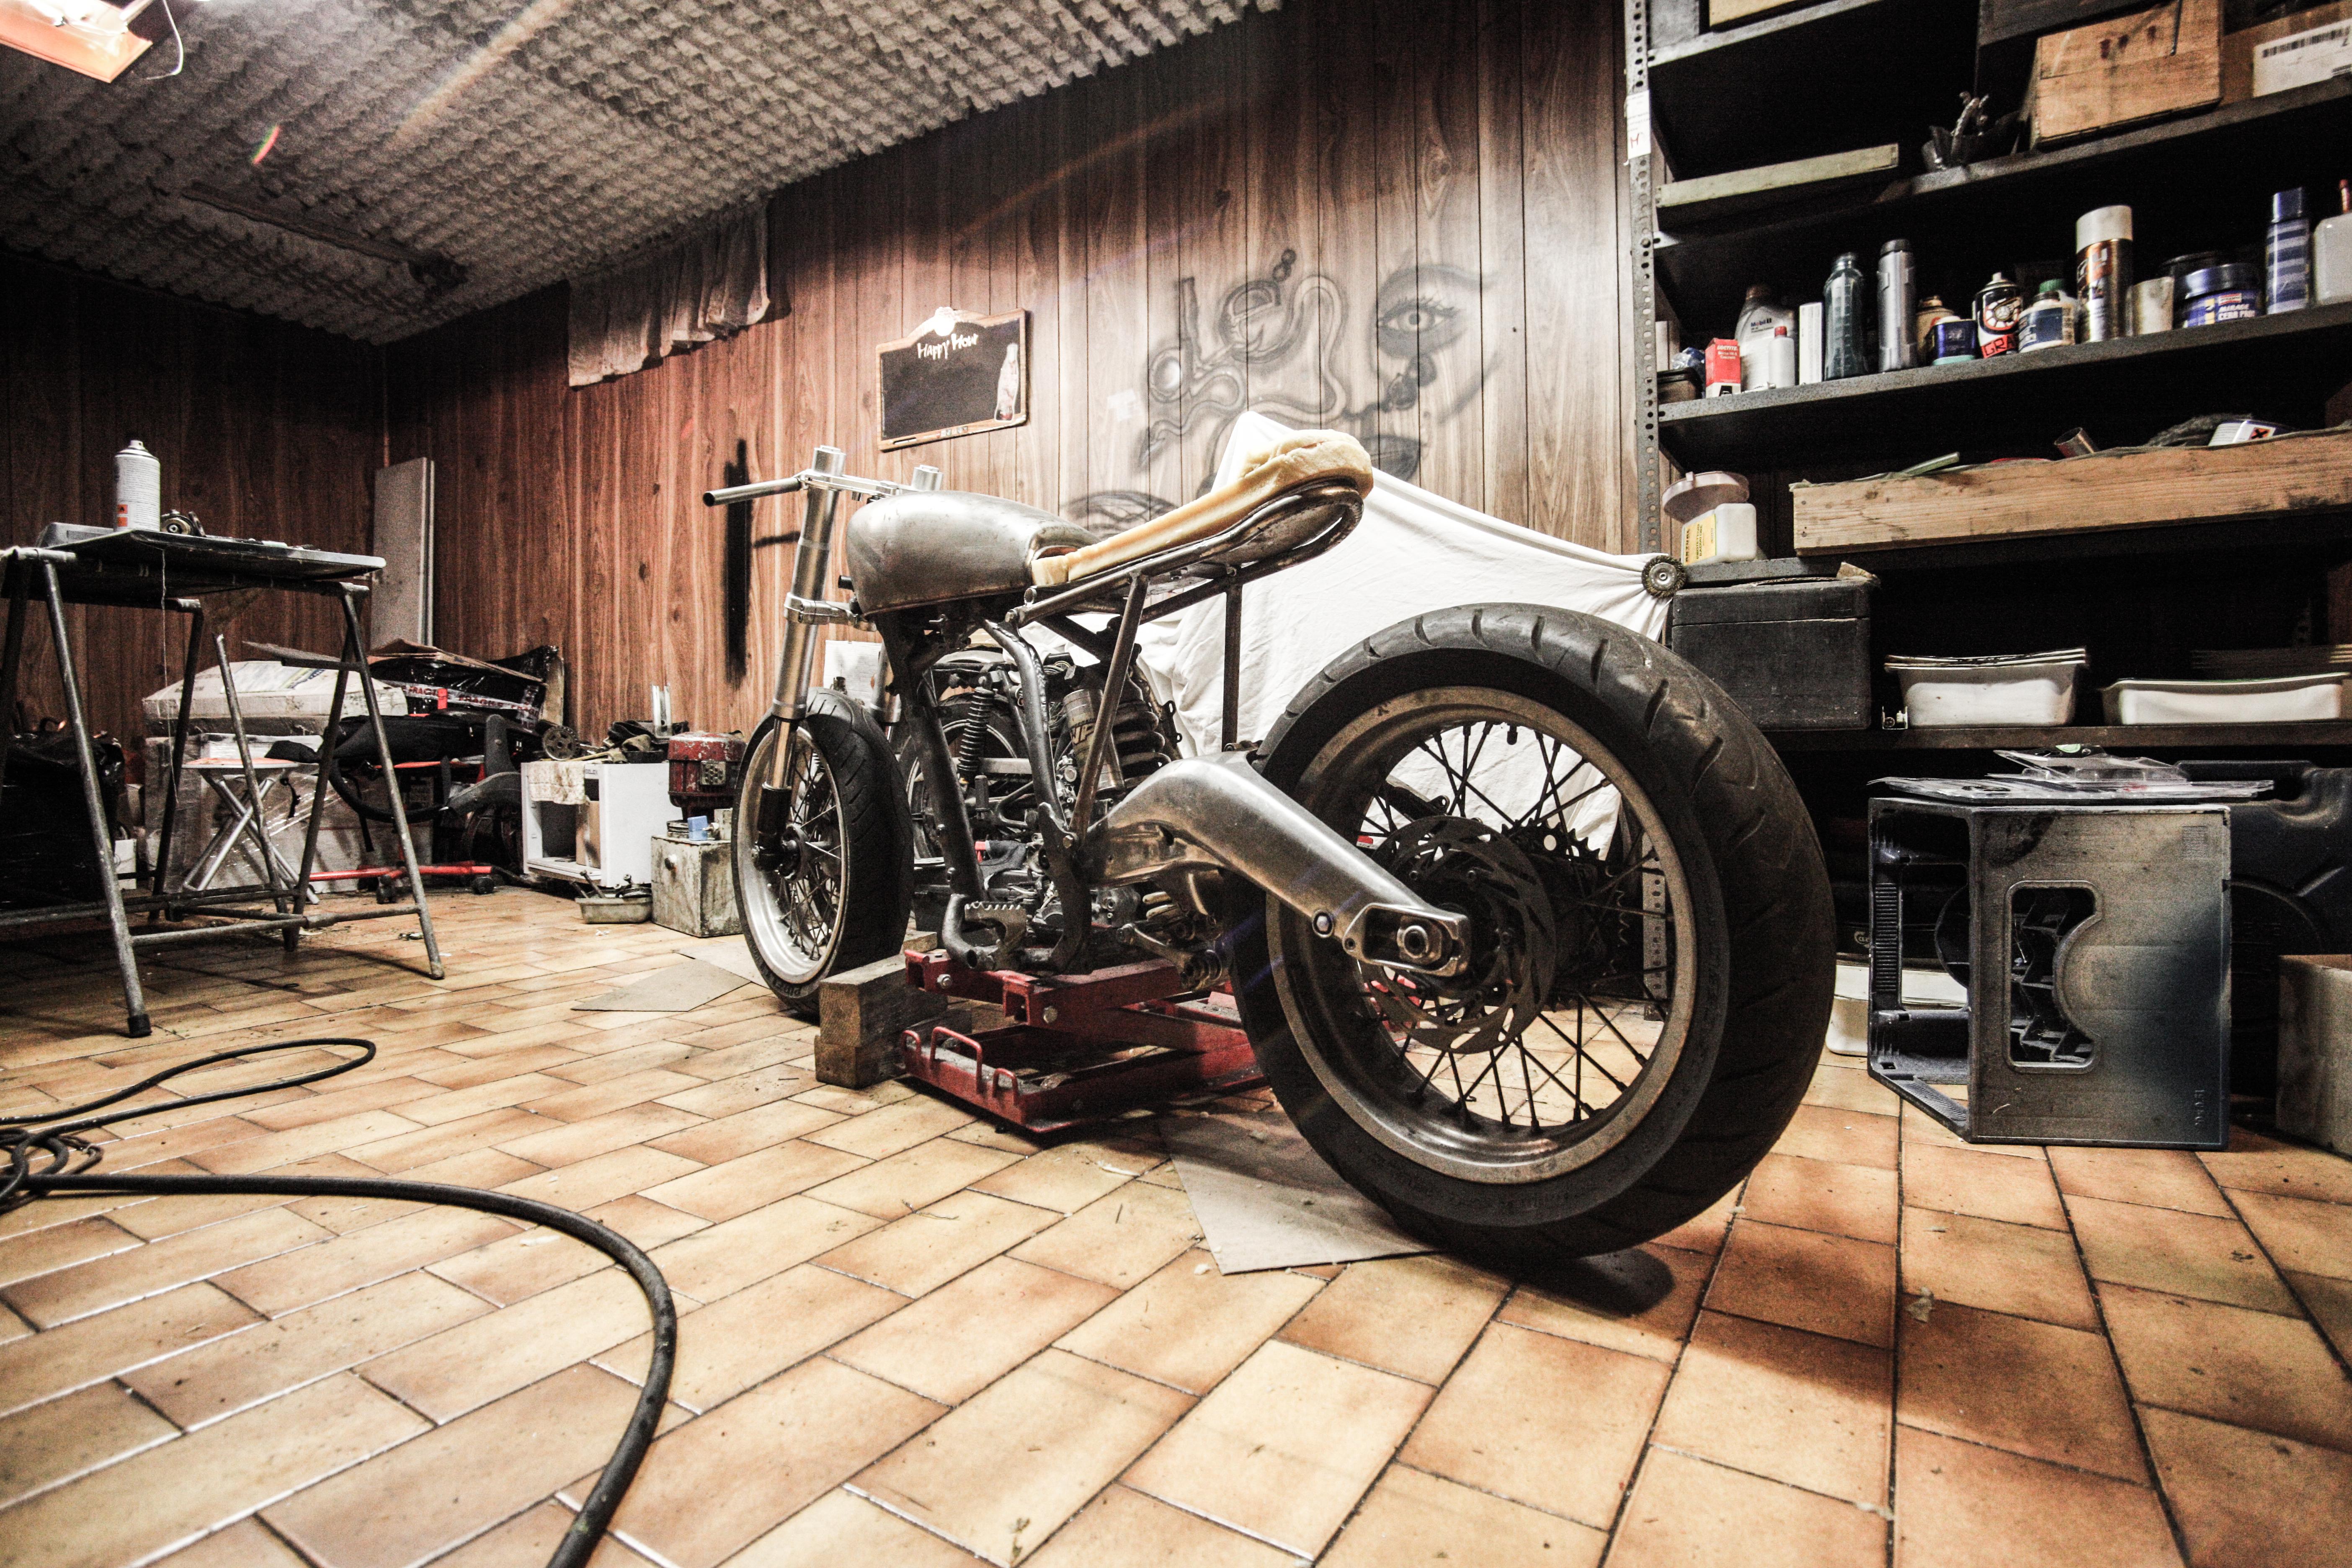 Car Wheel Bicycle Workshop Vehicle Motorcycle Frame Garage Motorbike Making Chopper Mechanic Land Repairing Automobile